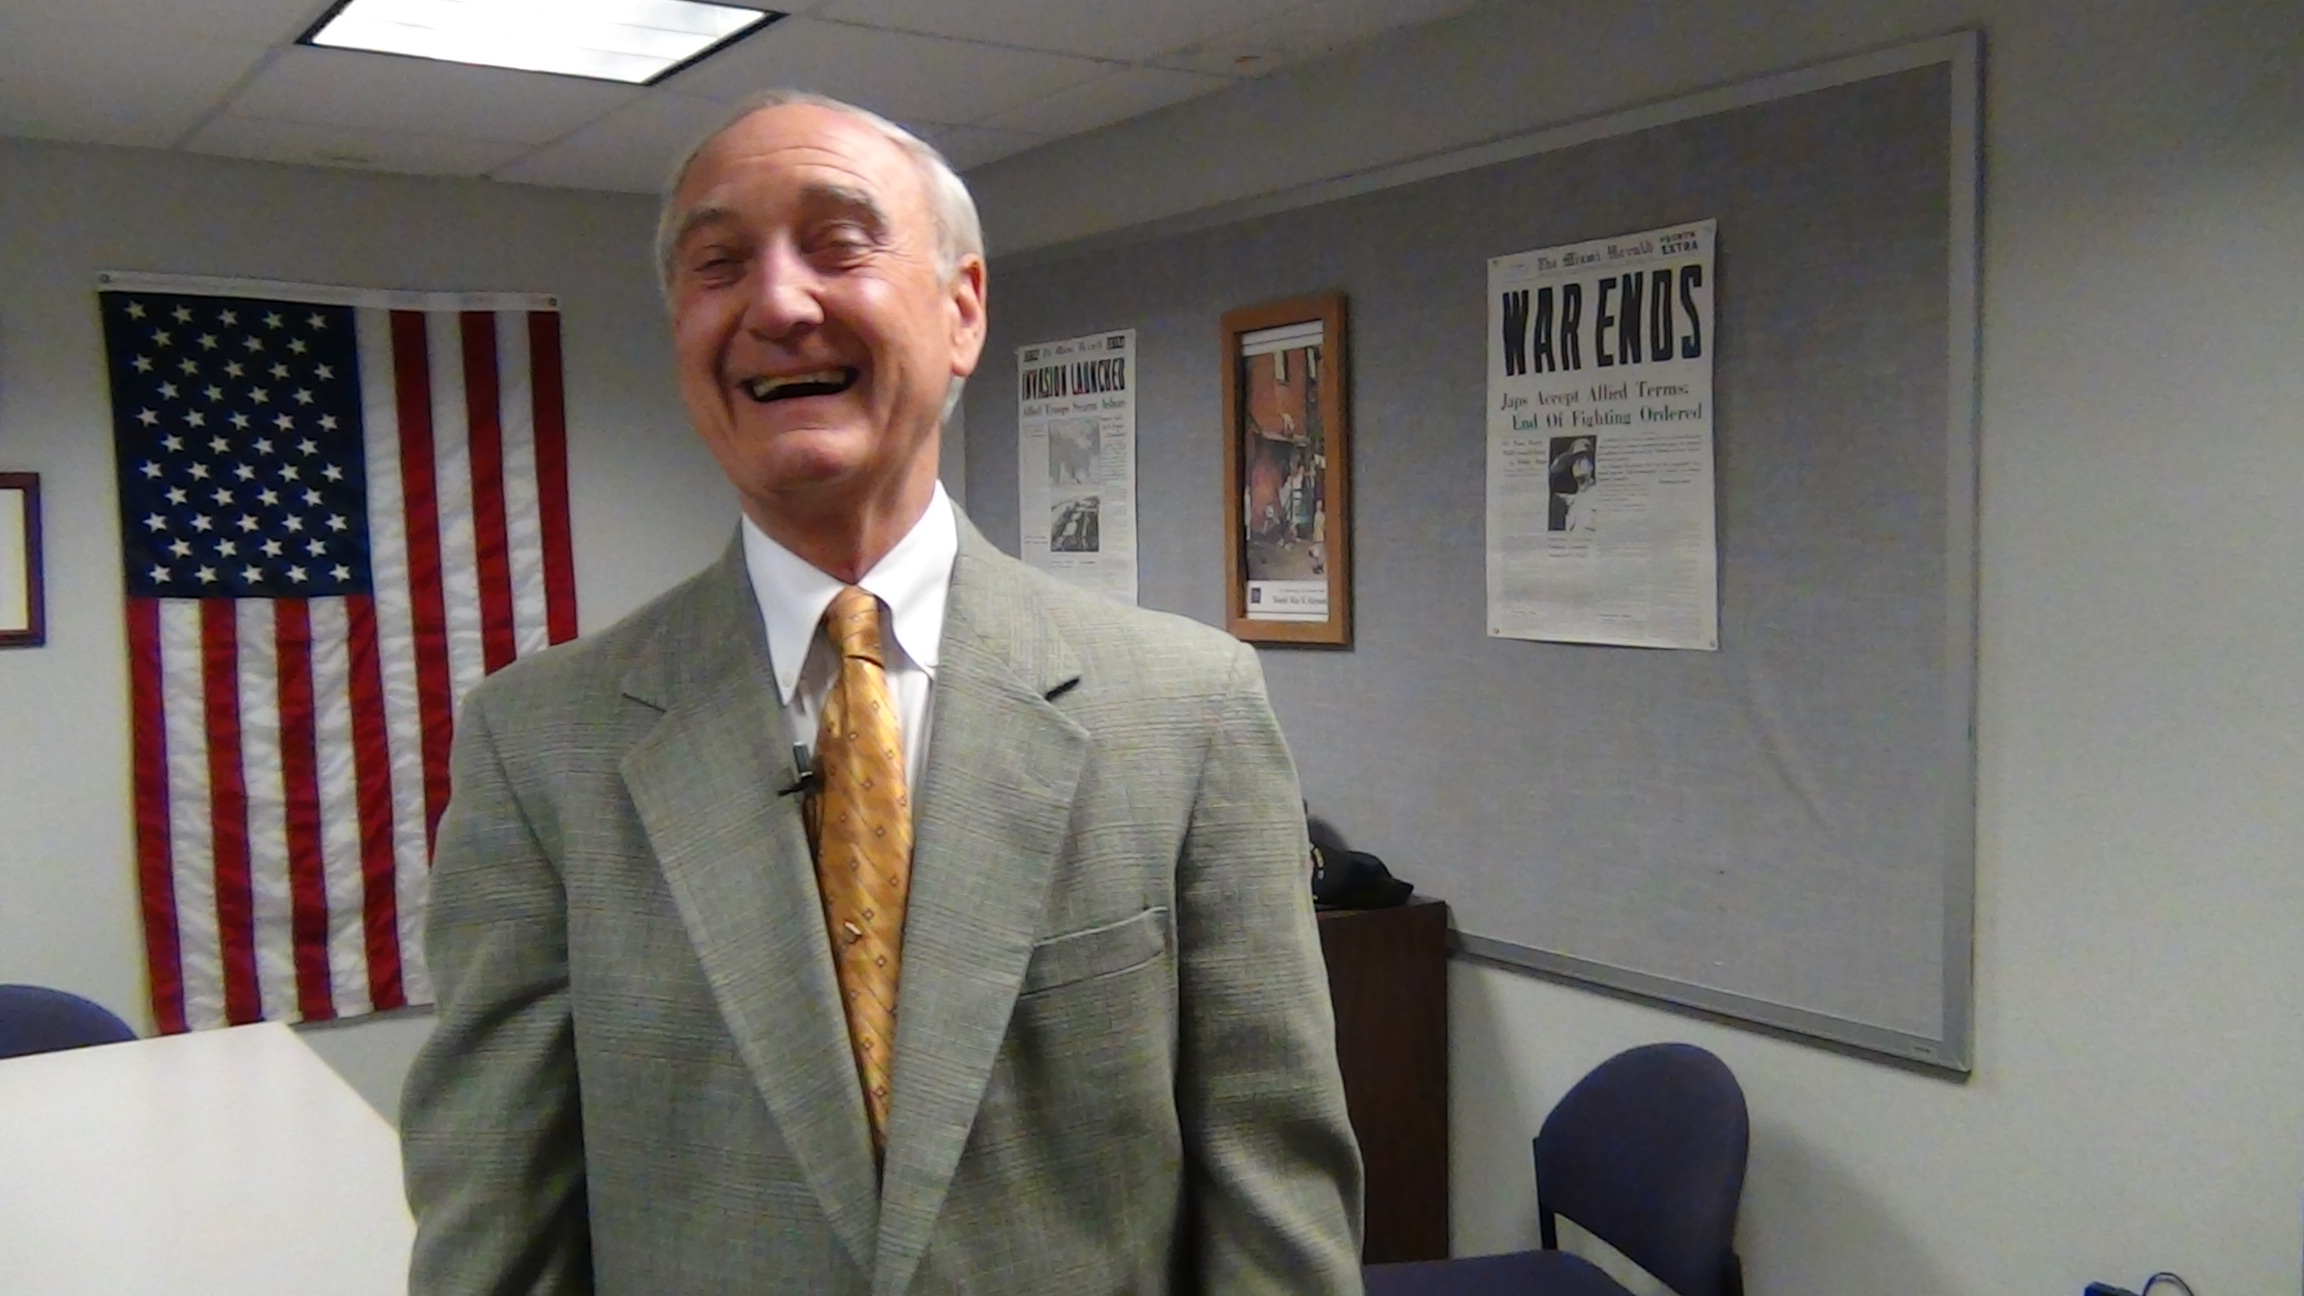 Center for WWII Studies Director, Prof. Paul Zigo